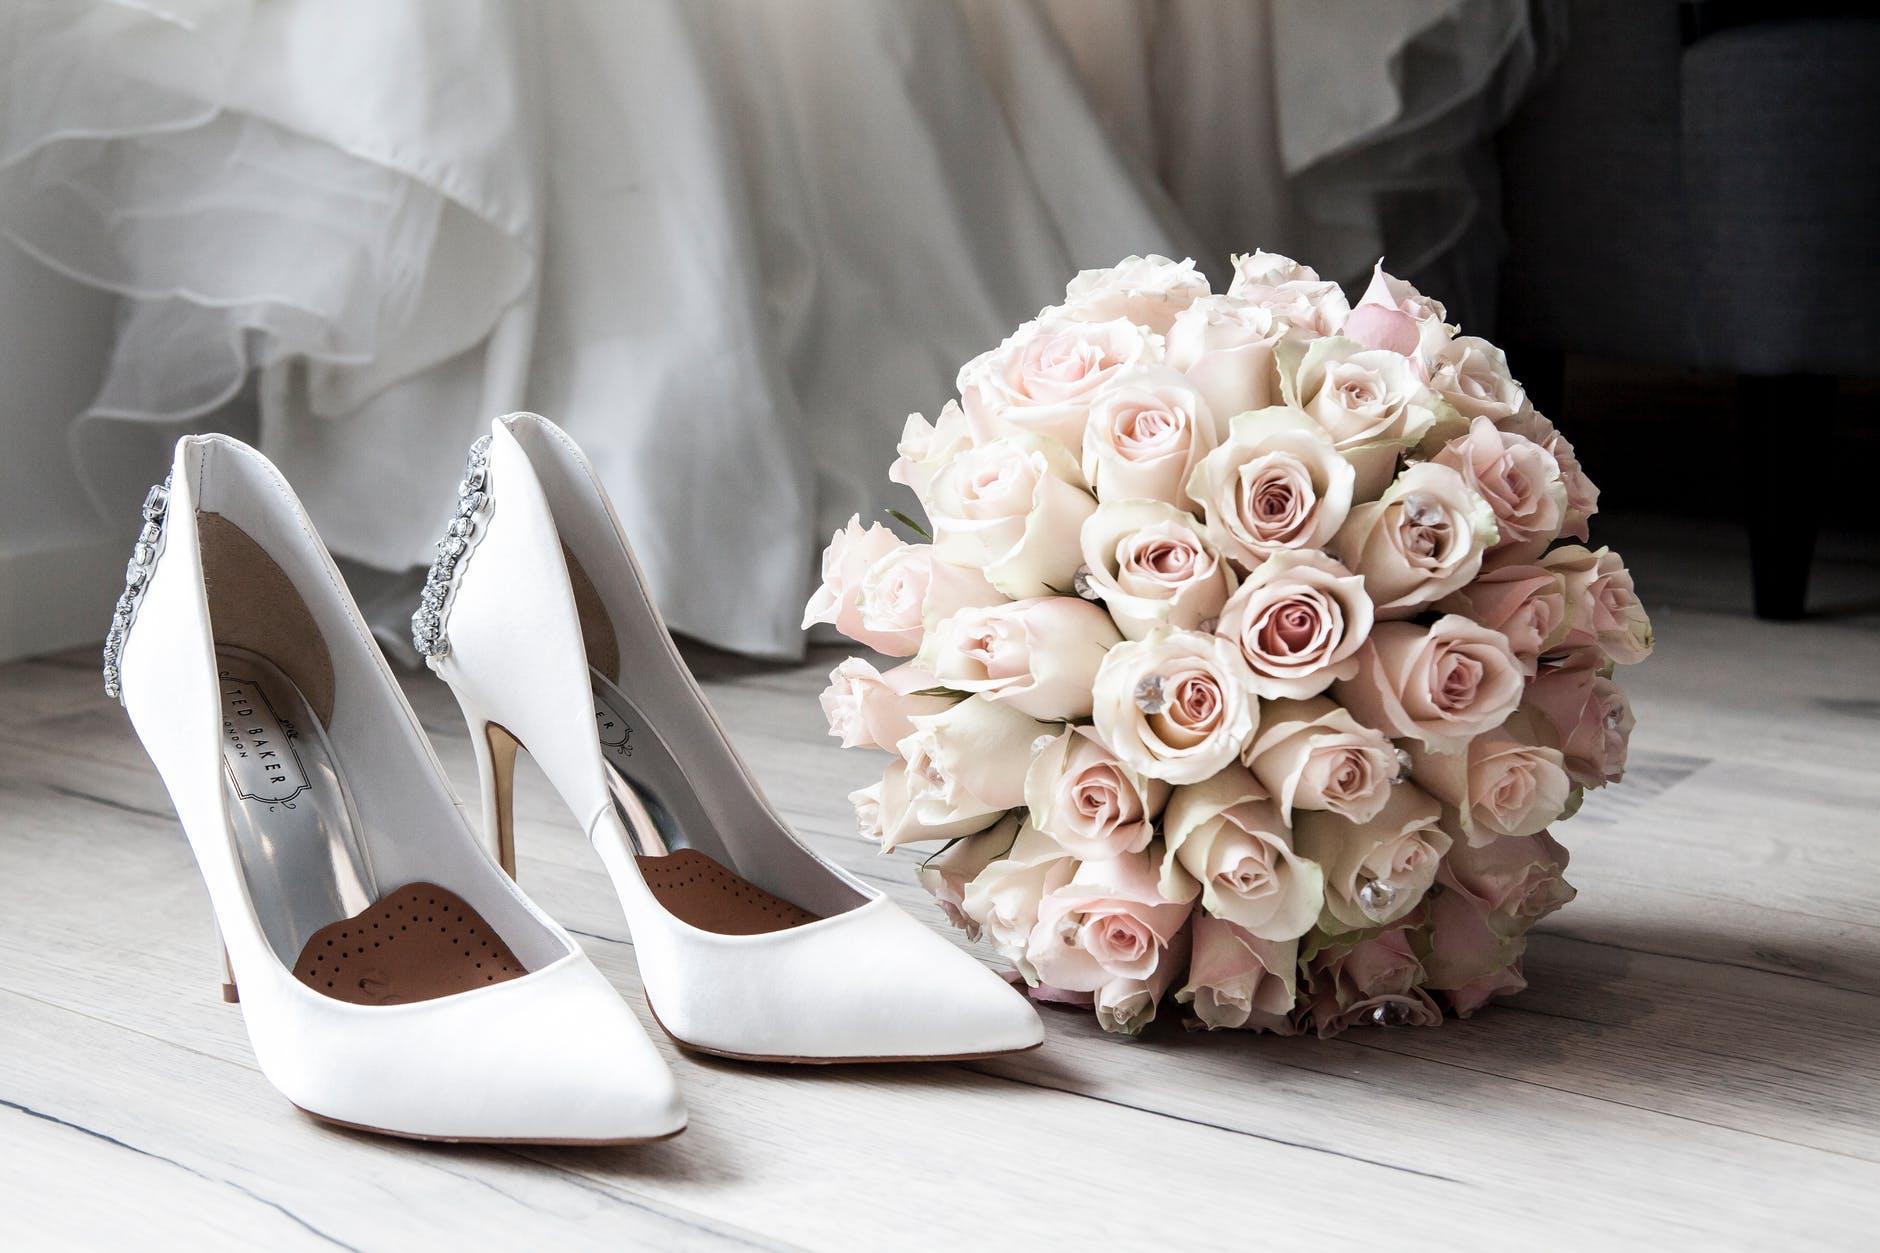 Gandeste-te la toate acele formatii nunta Bucuresti care iti vor asigura o nunta de vis